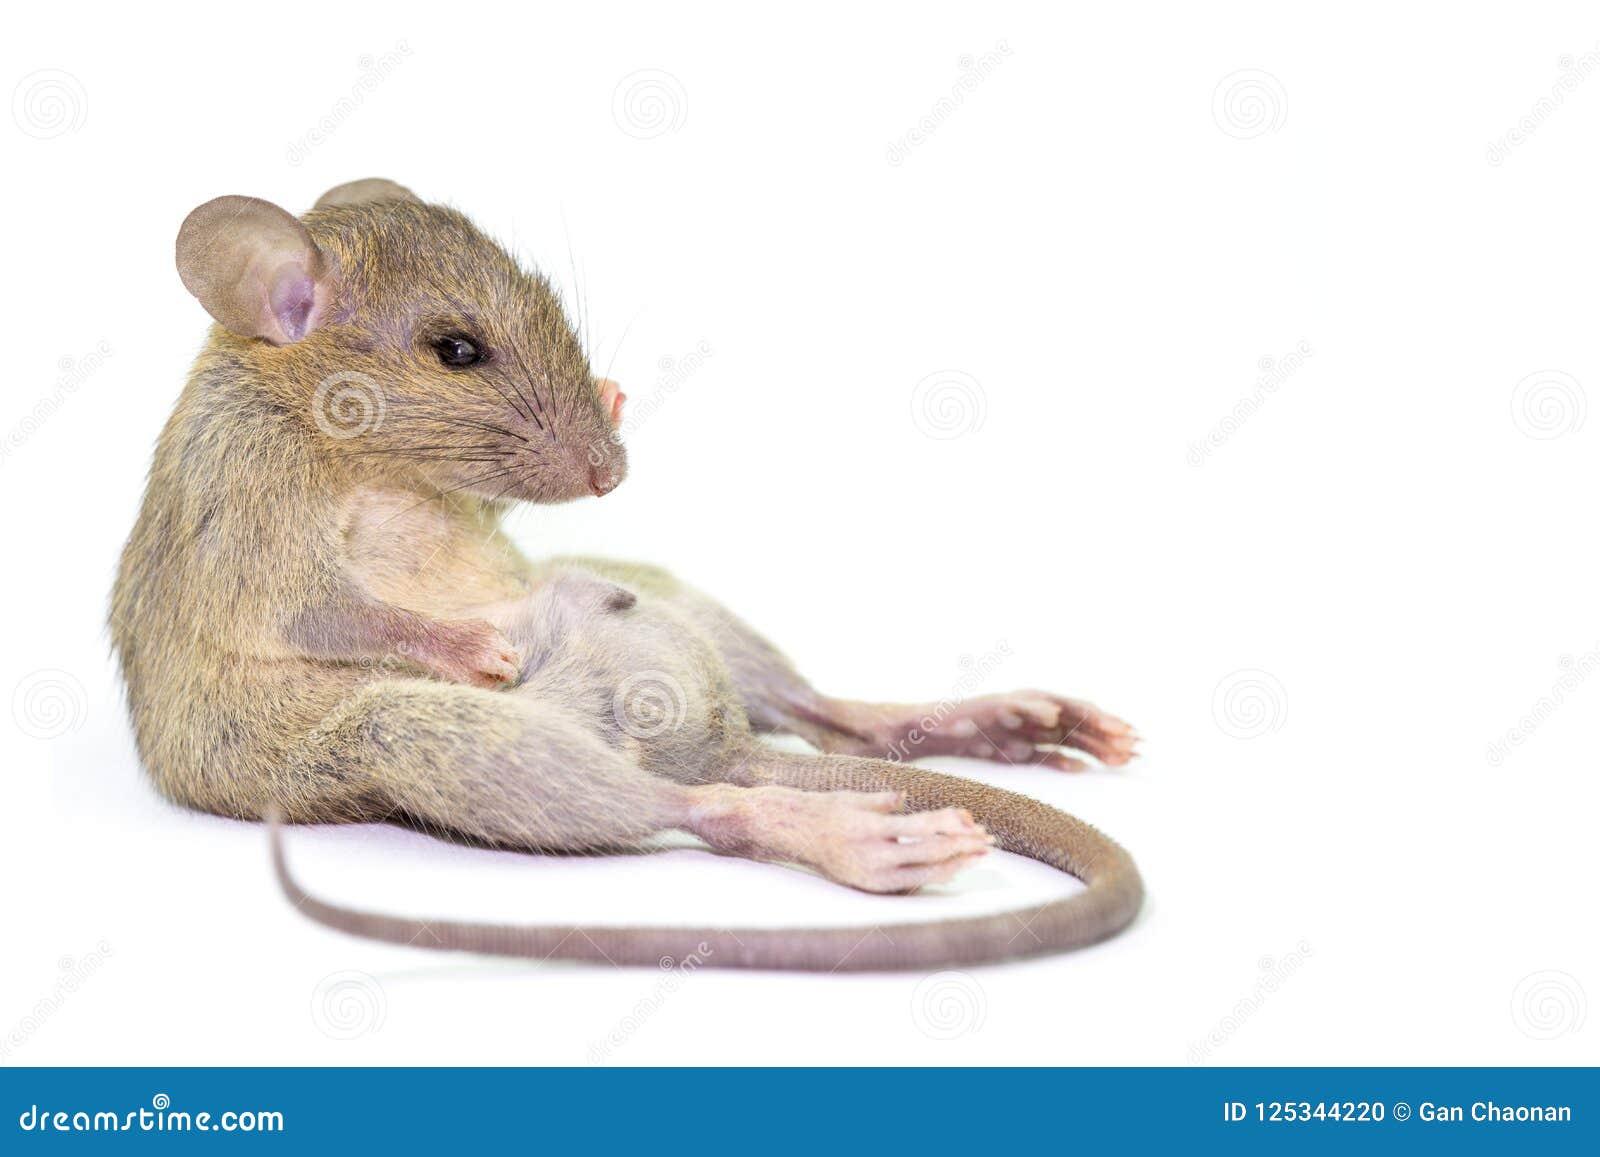 Rata animal del ratón que come el scrapsbin de la comida aislado en el fondo blanco